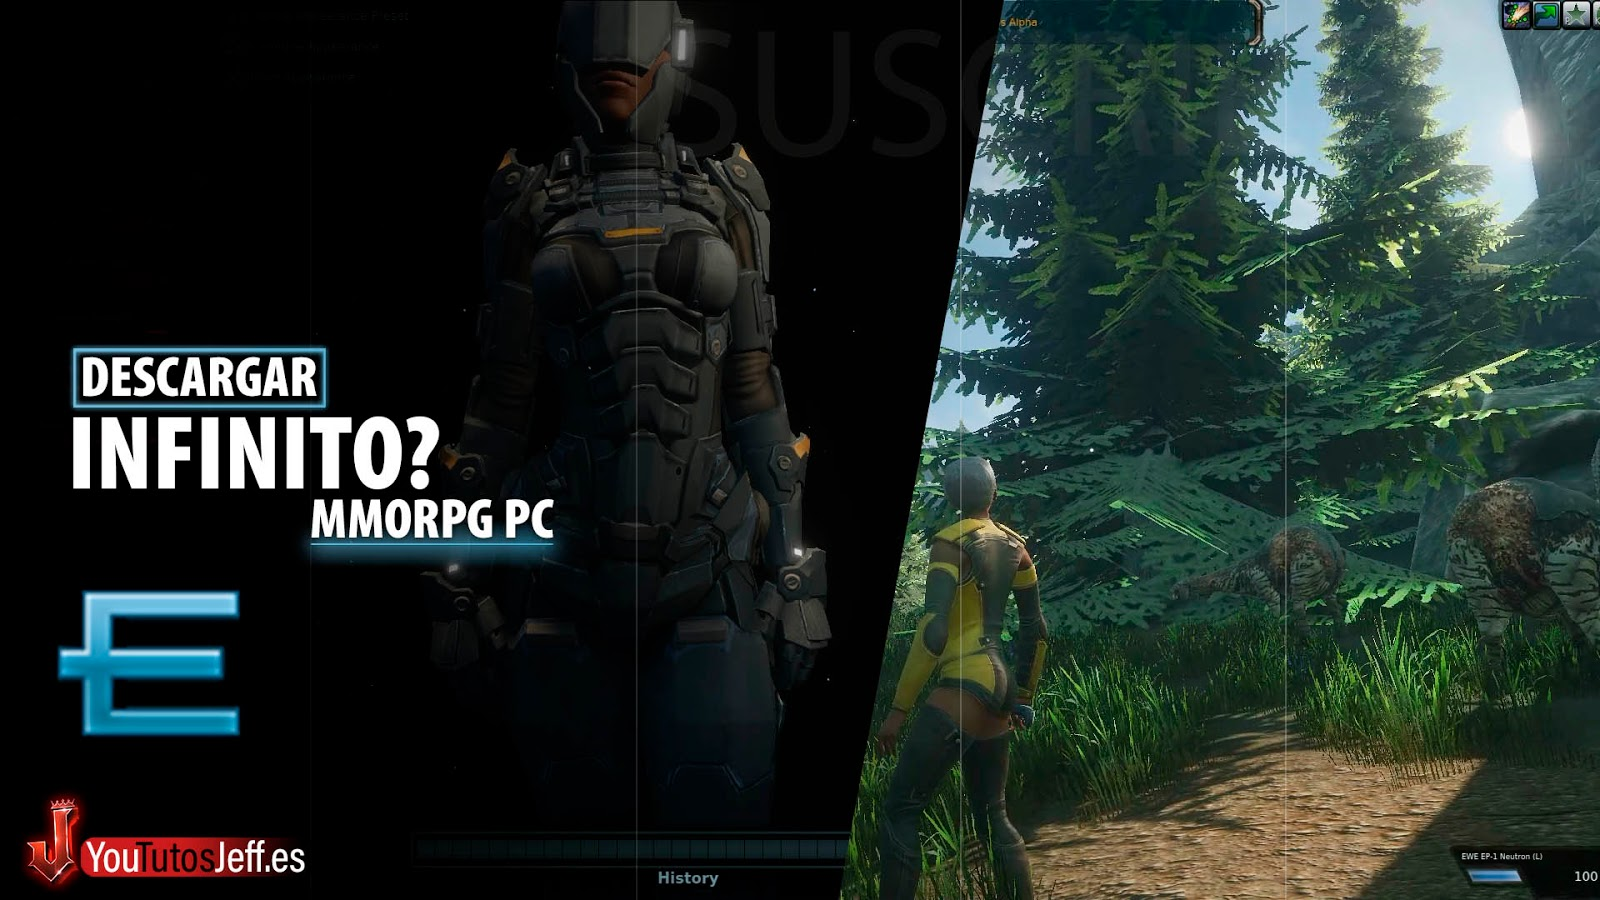 MMORPG INFINITO? Descargar Entropia Universe Sci-Fi para PC Gratis